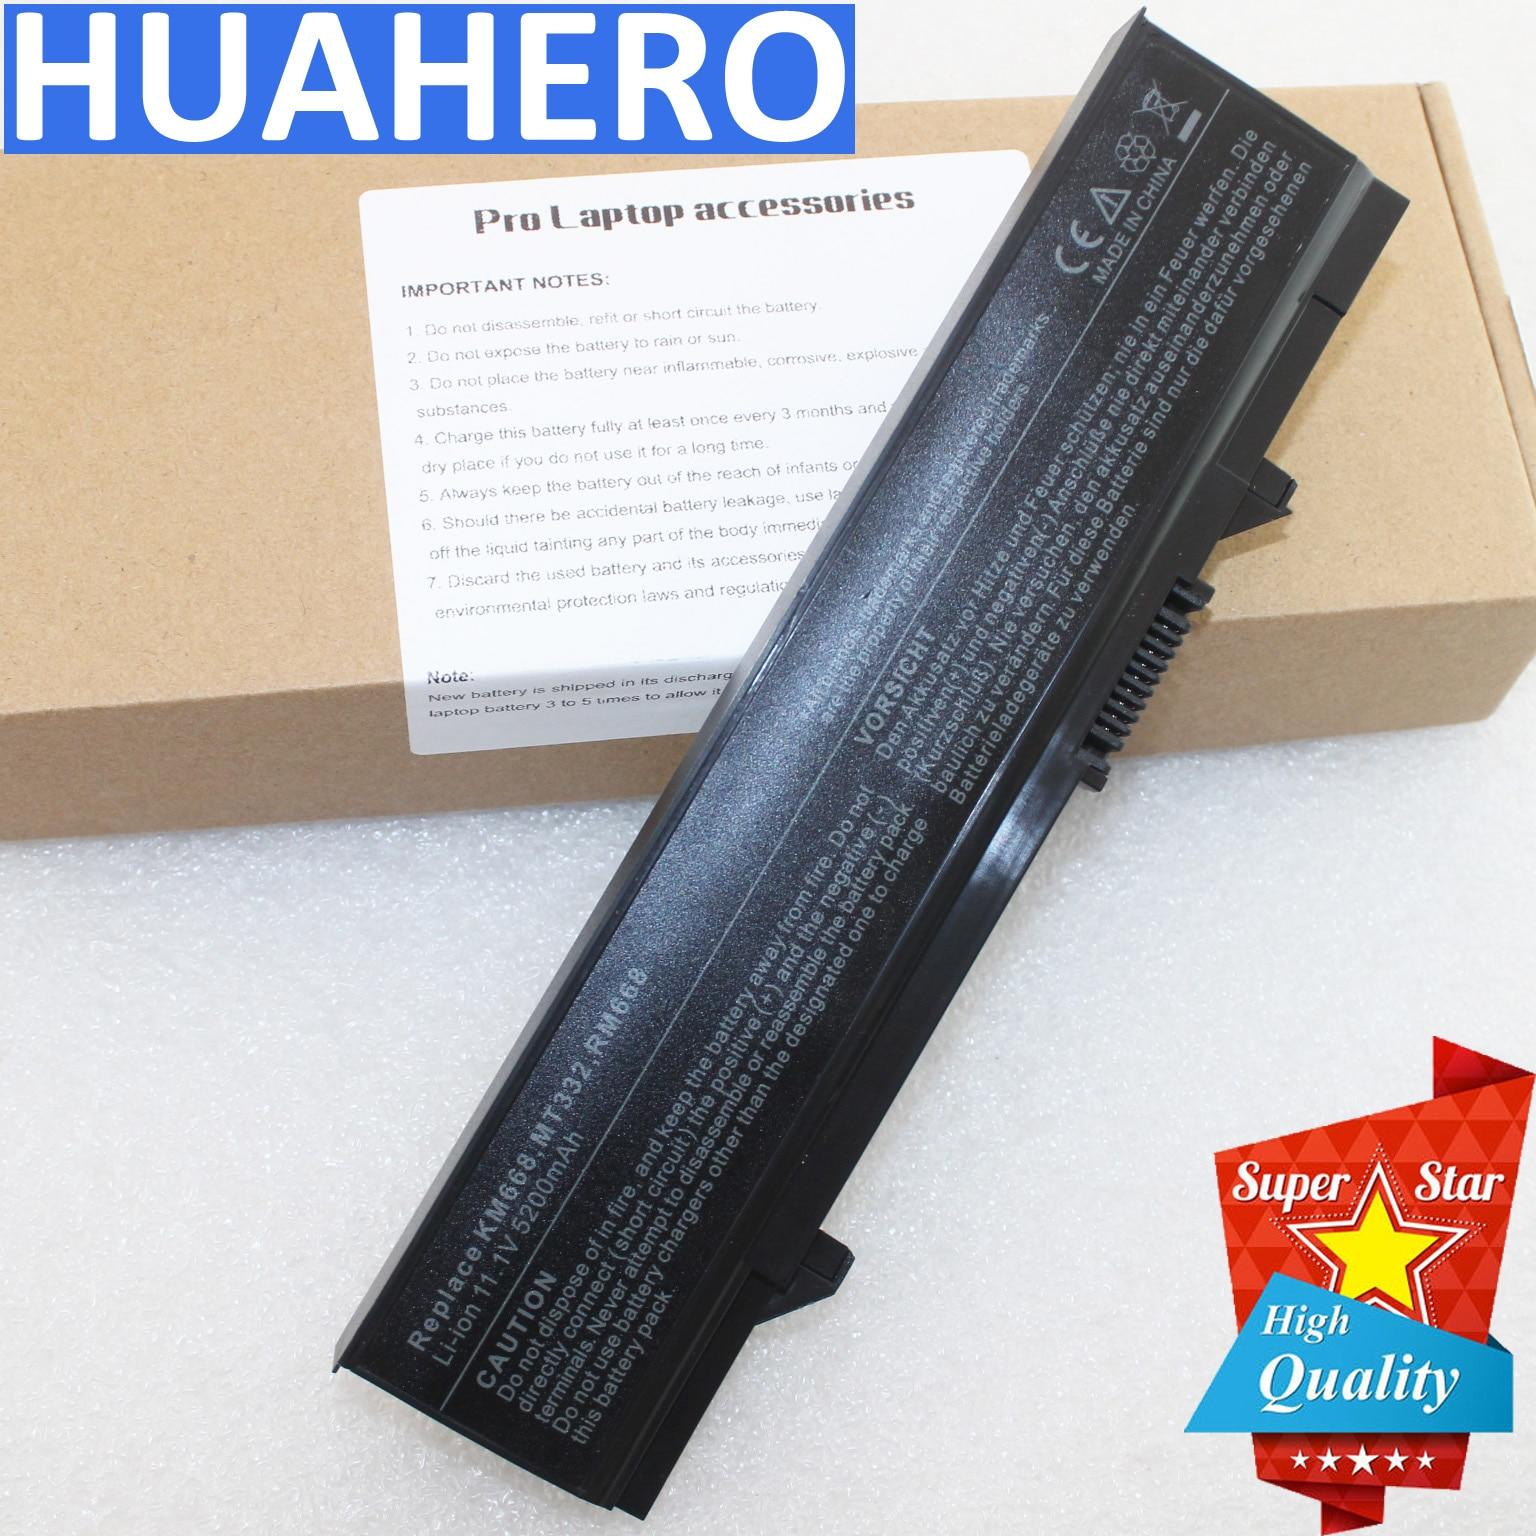 Batería para DEll Latitude E5400 E5410 E5500 E5510 E5550 portátil KM742 KM752 KM760 KM970 MT186 MT187 MT196 MT332 KM668 RM649 RM656